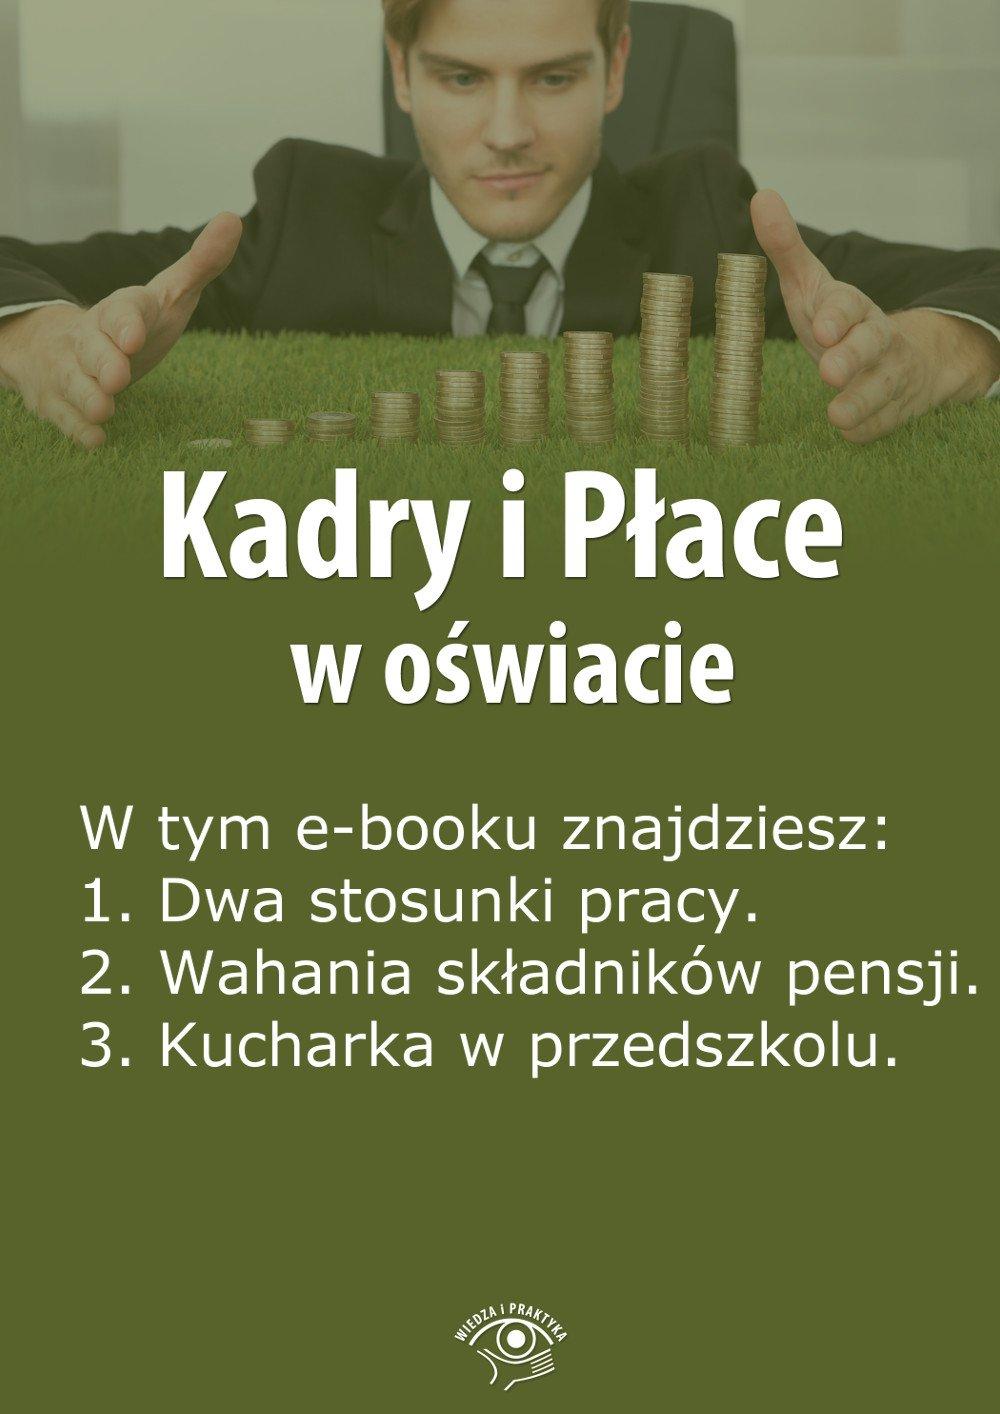 Kadry i Płace w oświacie. Wydanie lipiec 2014 r. - Ebook (Książka na Kindle) do pobrania w formacie MOBI